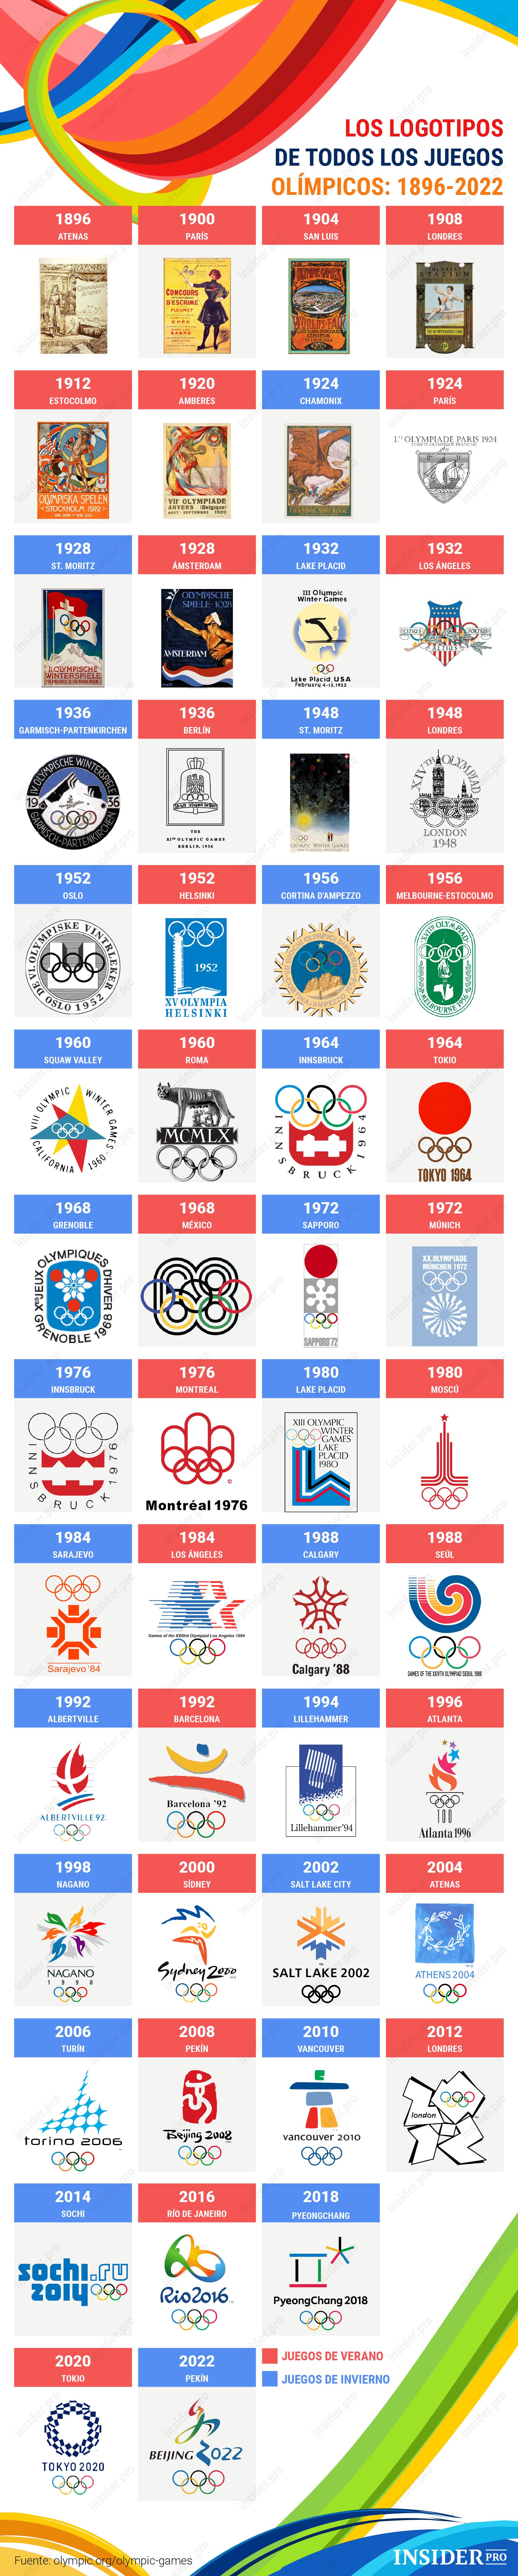 Infografia Todos Los Logos De Los Juegos Olimpicos Desde 1896 Hasta